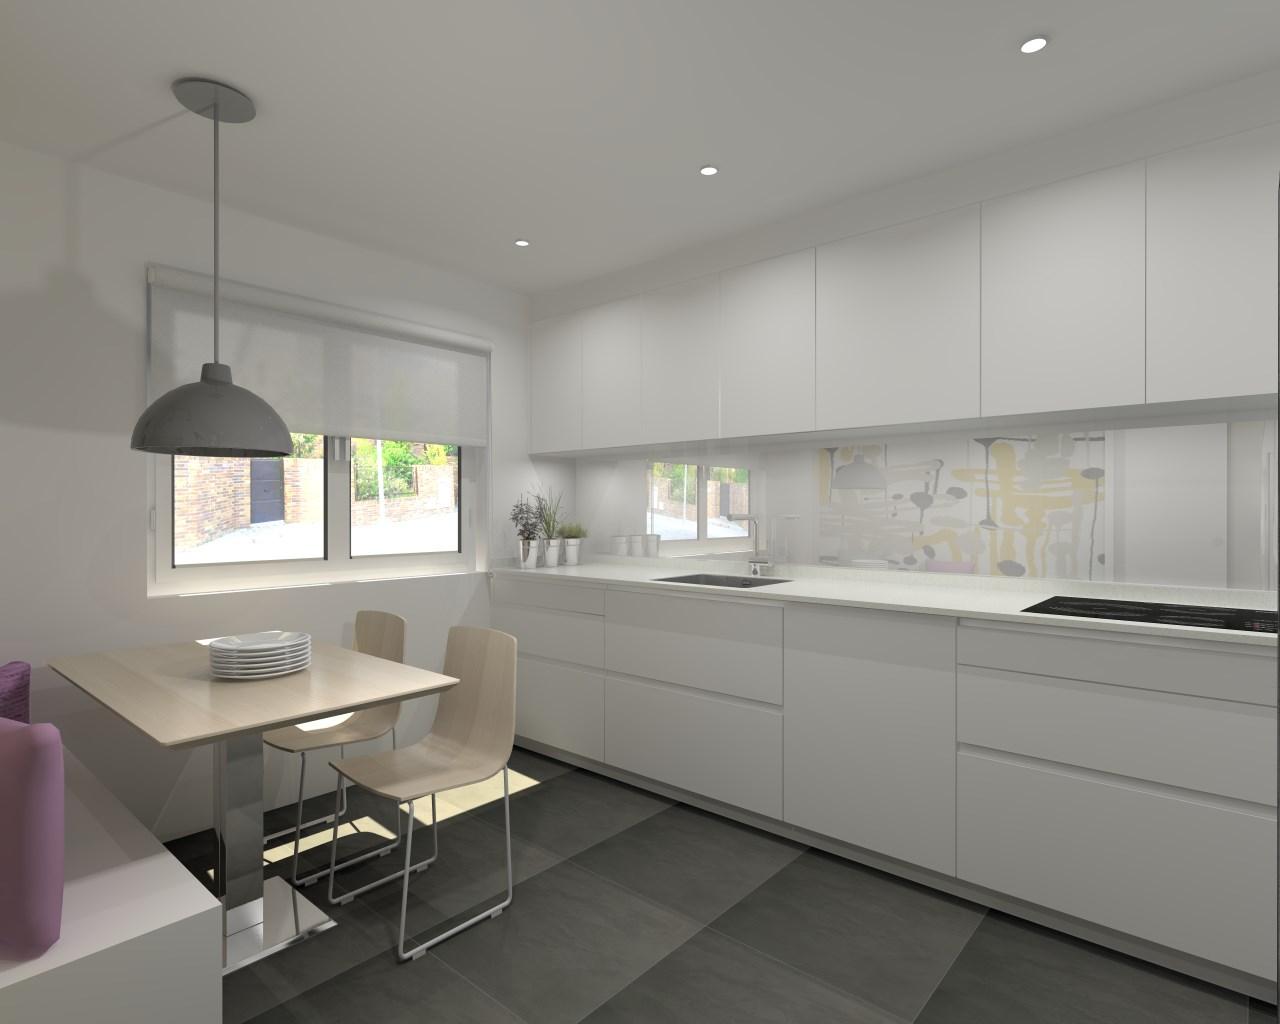 Aravaca cocina santos modelo line estratificado blanco for Disena tu cocina en 3d online